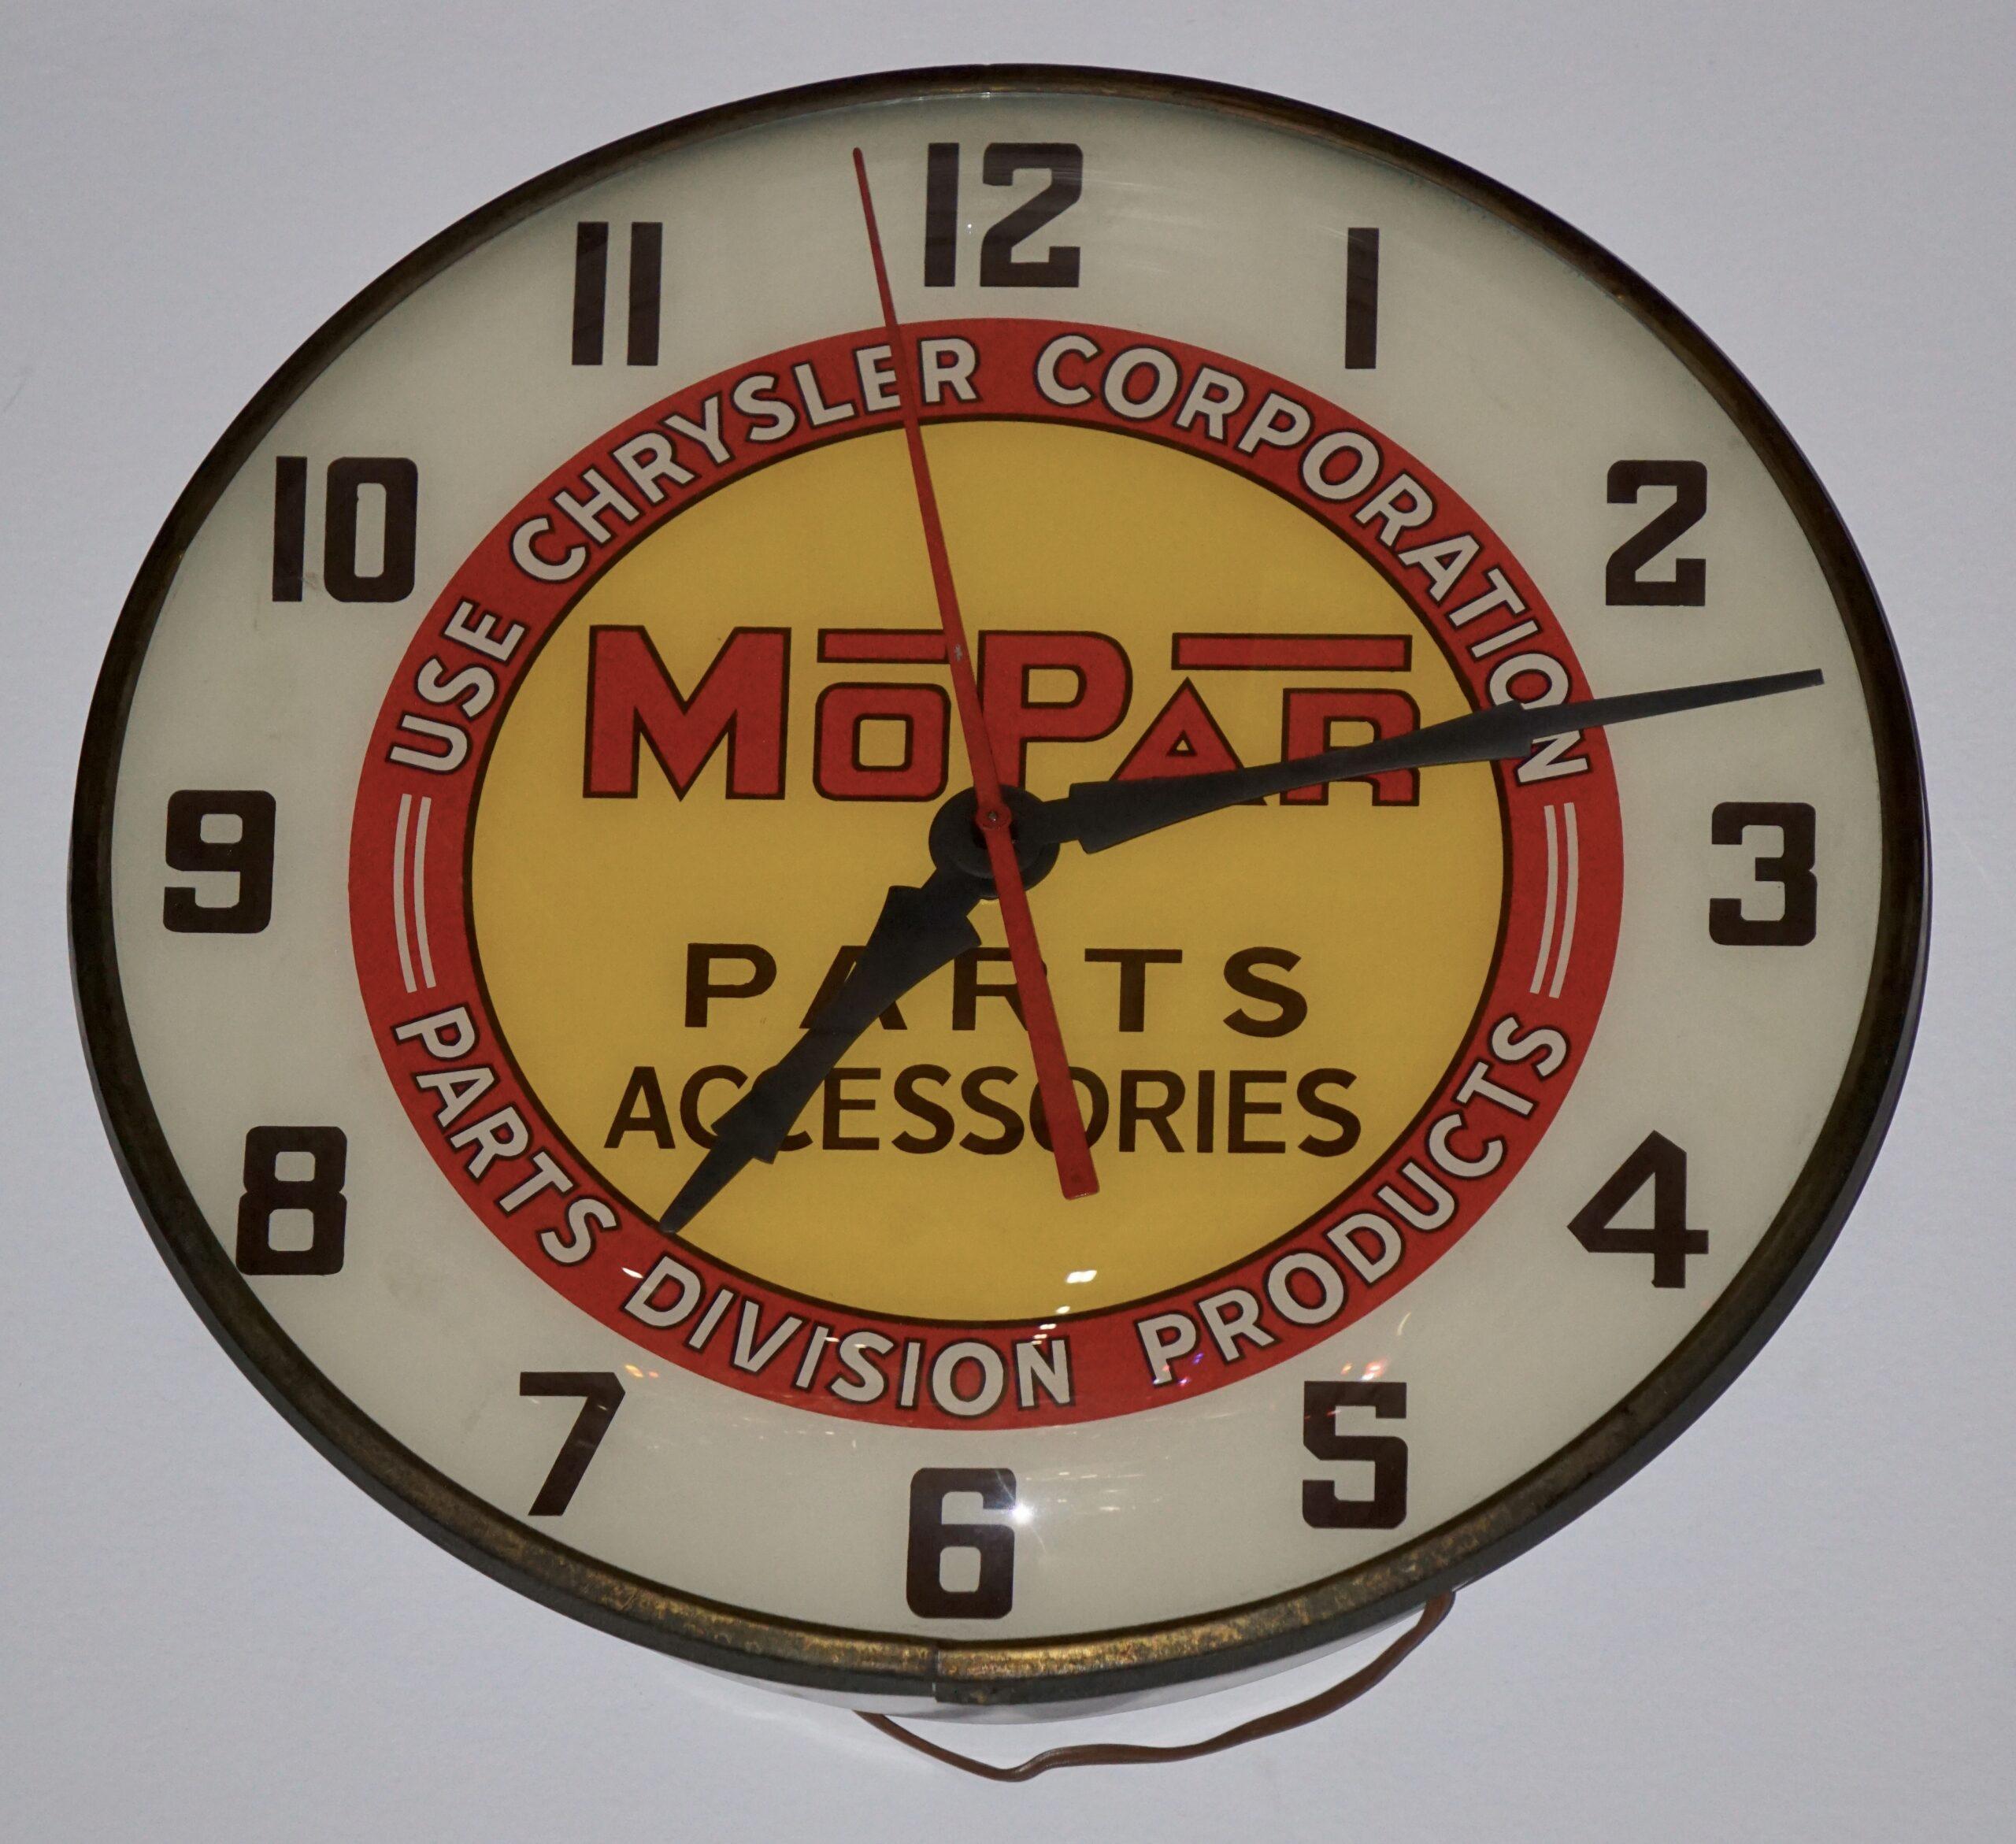 Mopar Parts & Accessories Clock